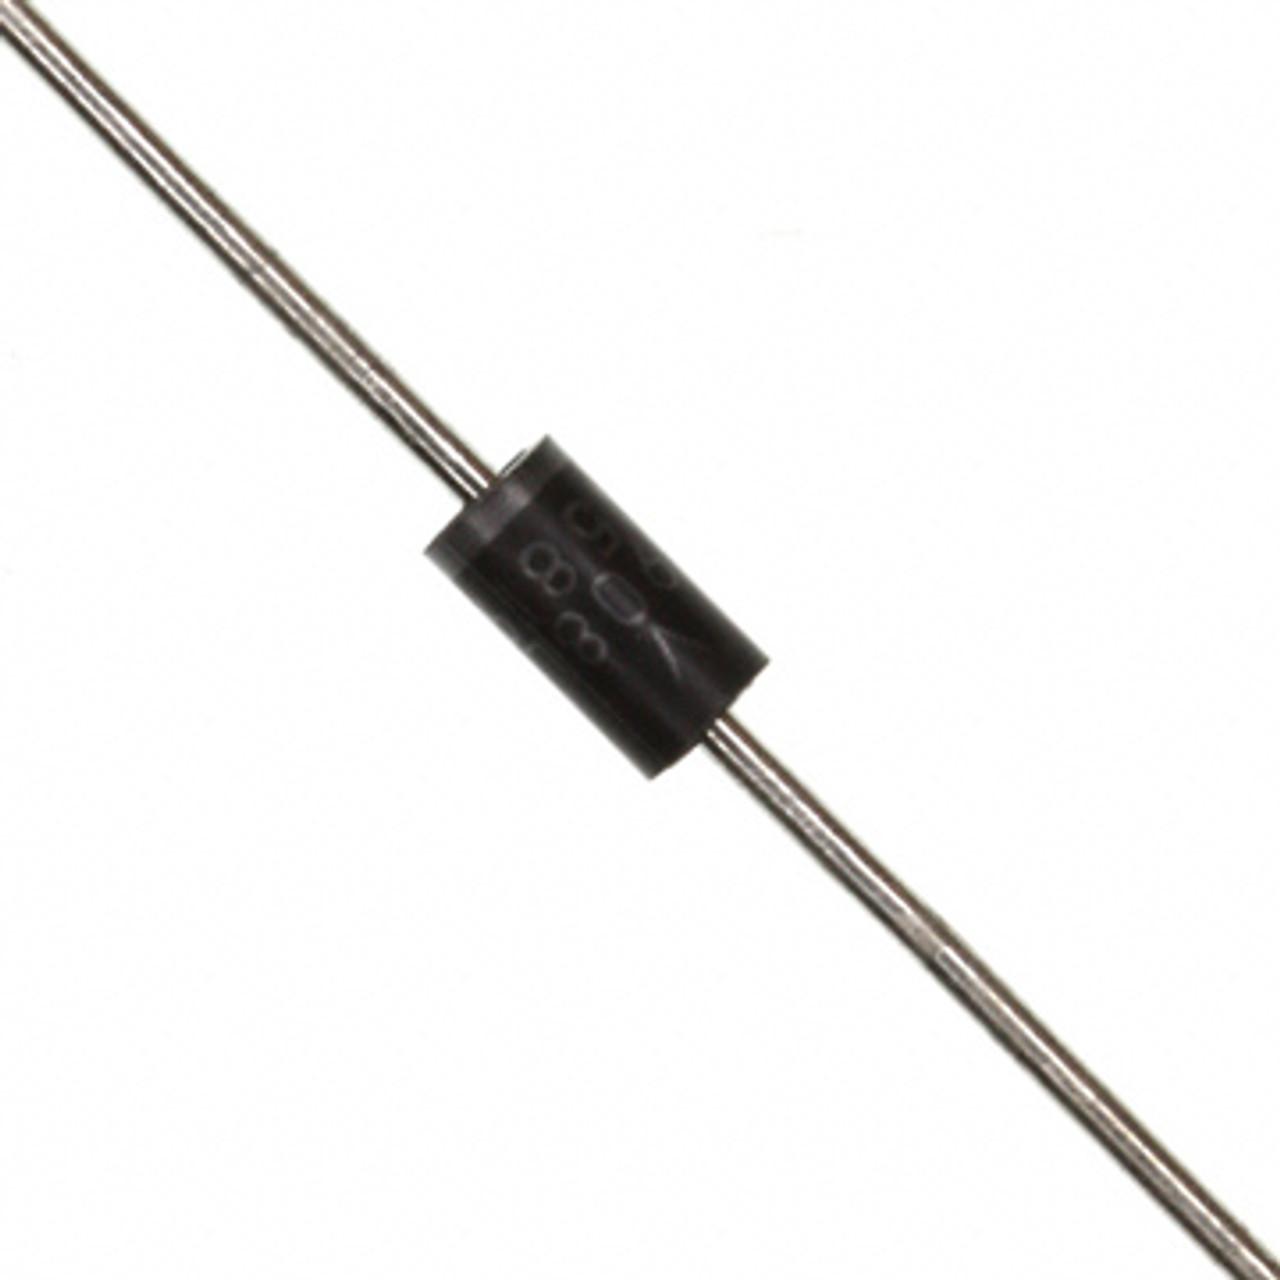 Diode 1N4002 100V/1A